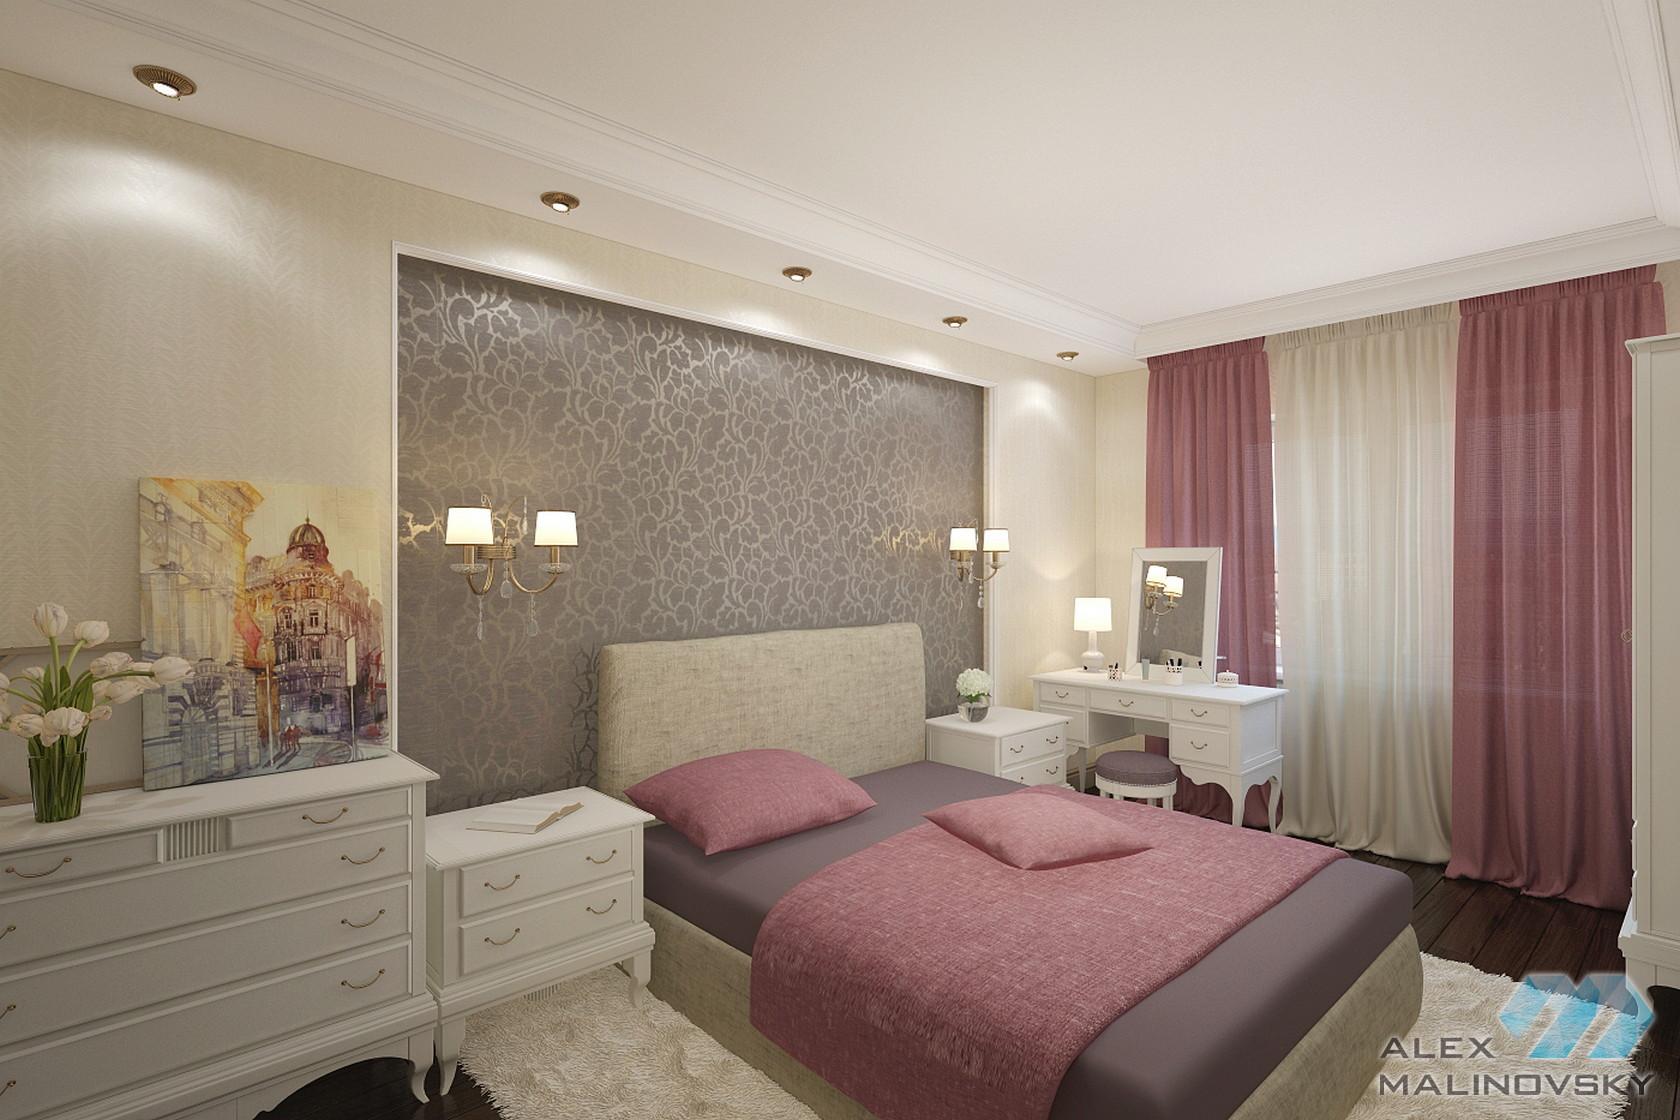 Спальня, двухкомнатная квартира, Фермское шоссе, СПб